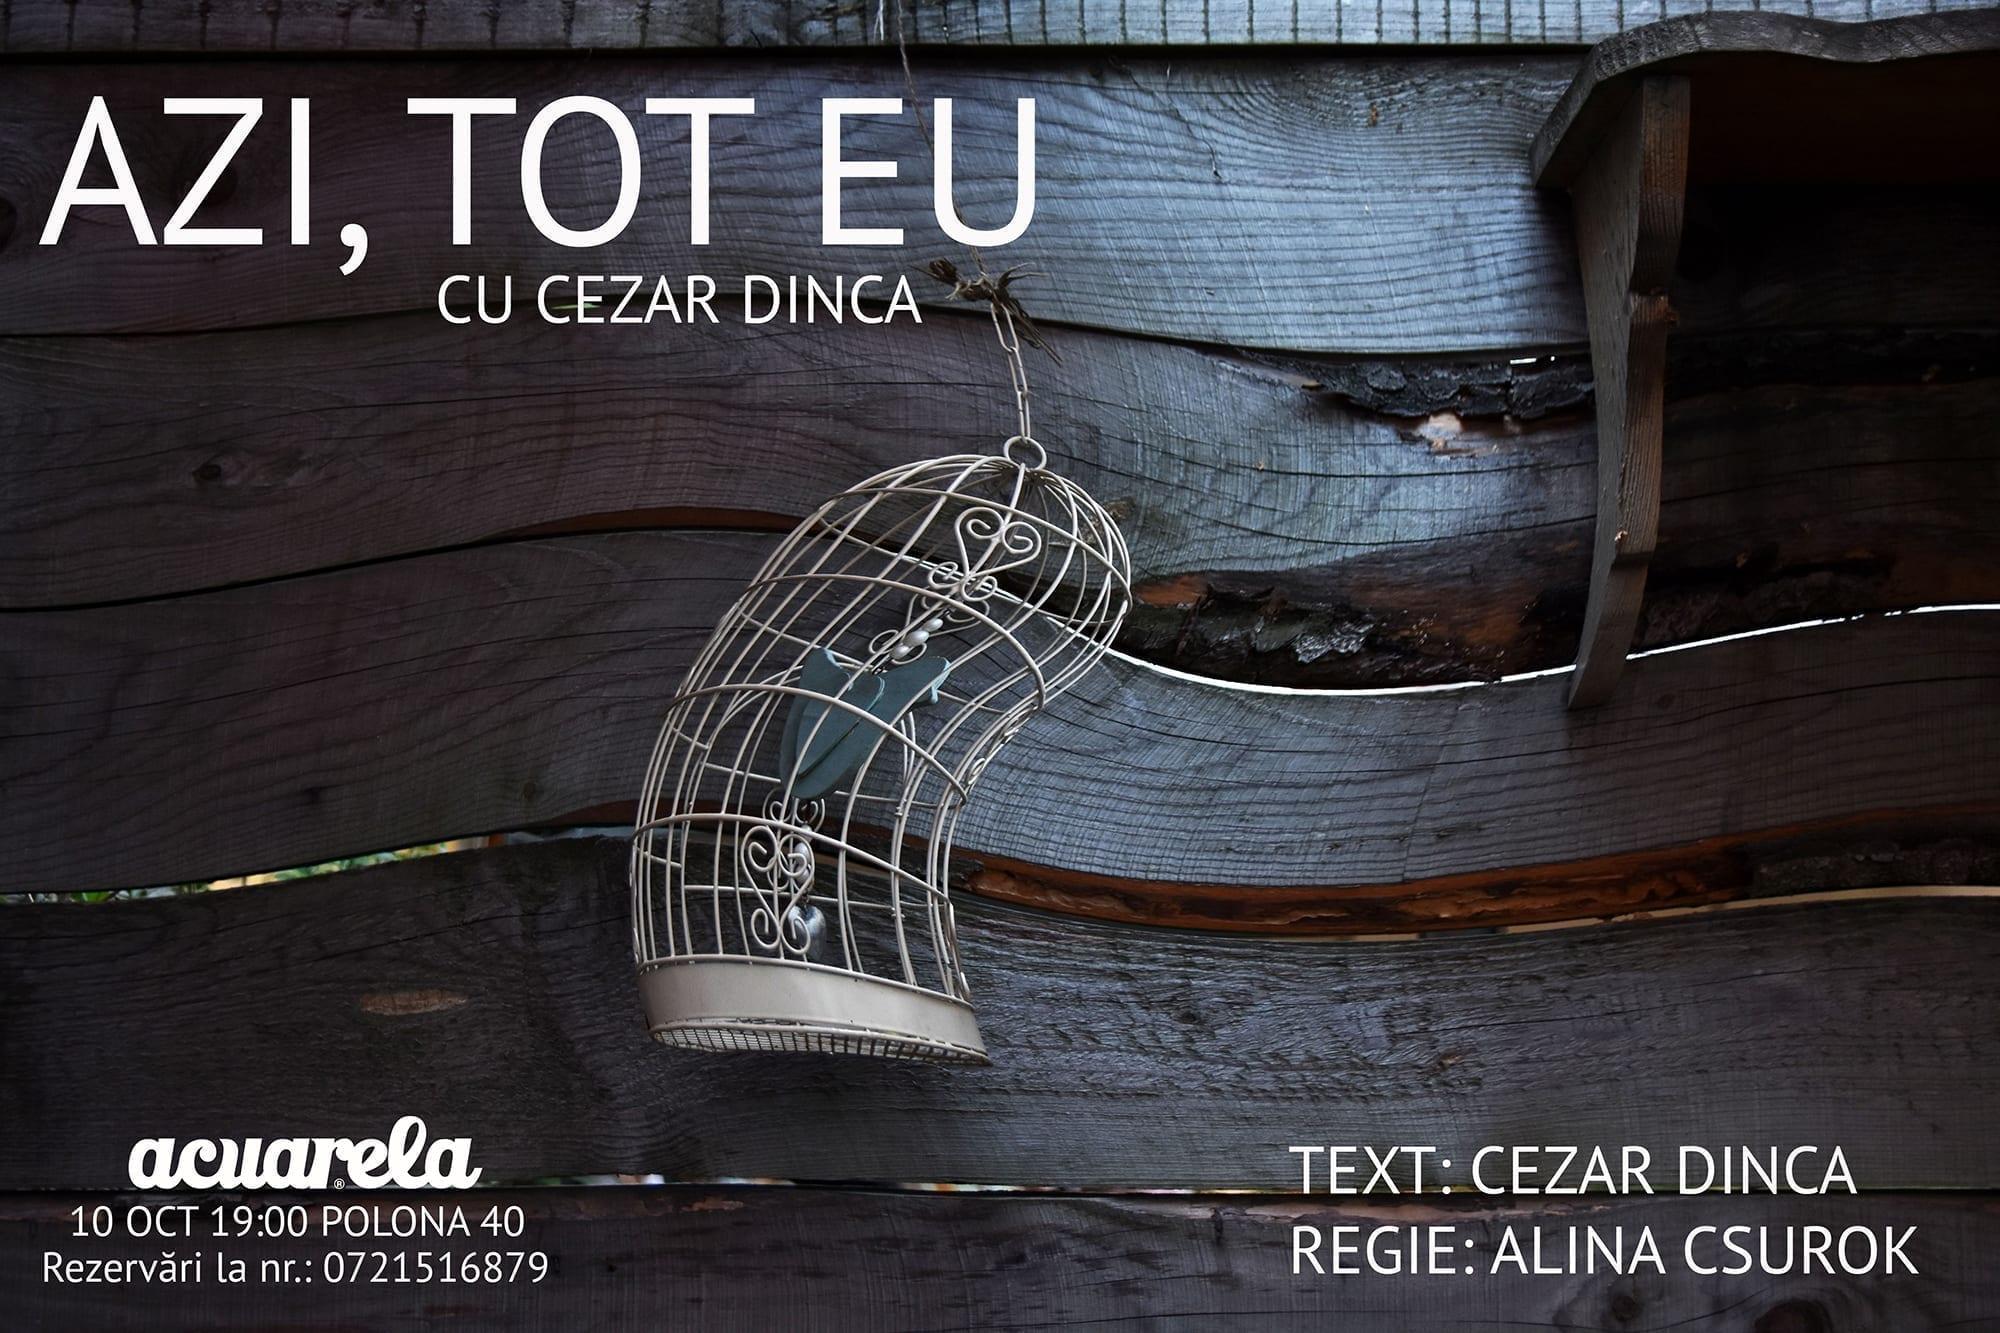 Teatru în grădină la Acuarela - Azi, tot eu cu Cezar Dincă